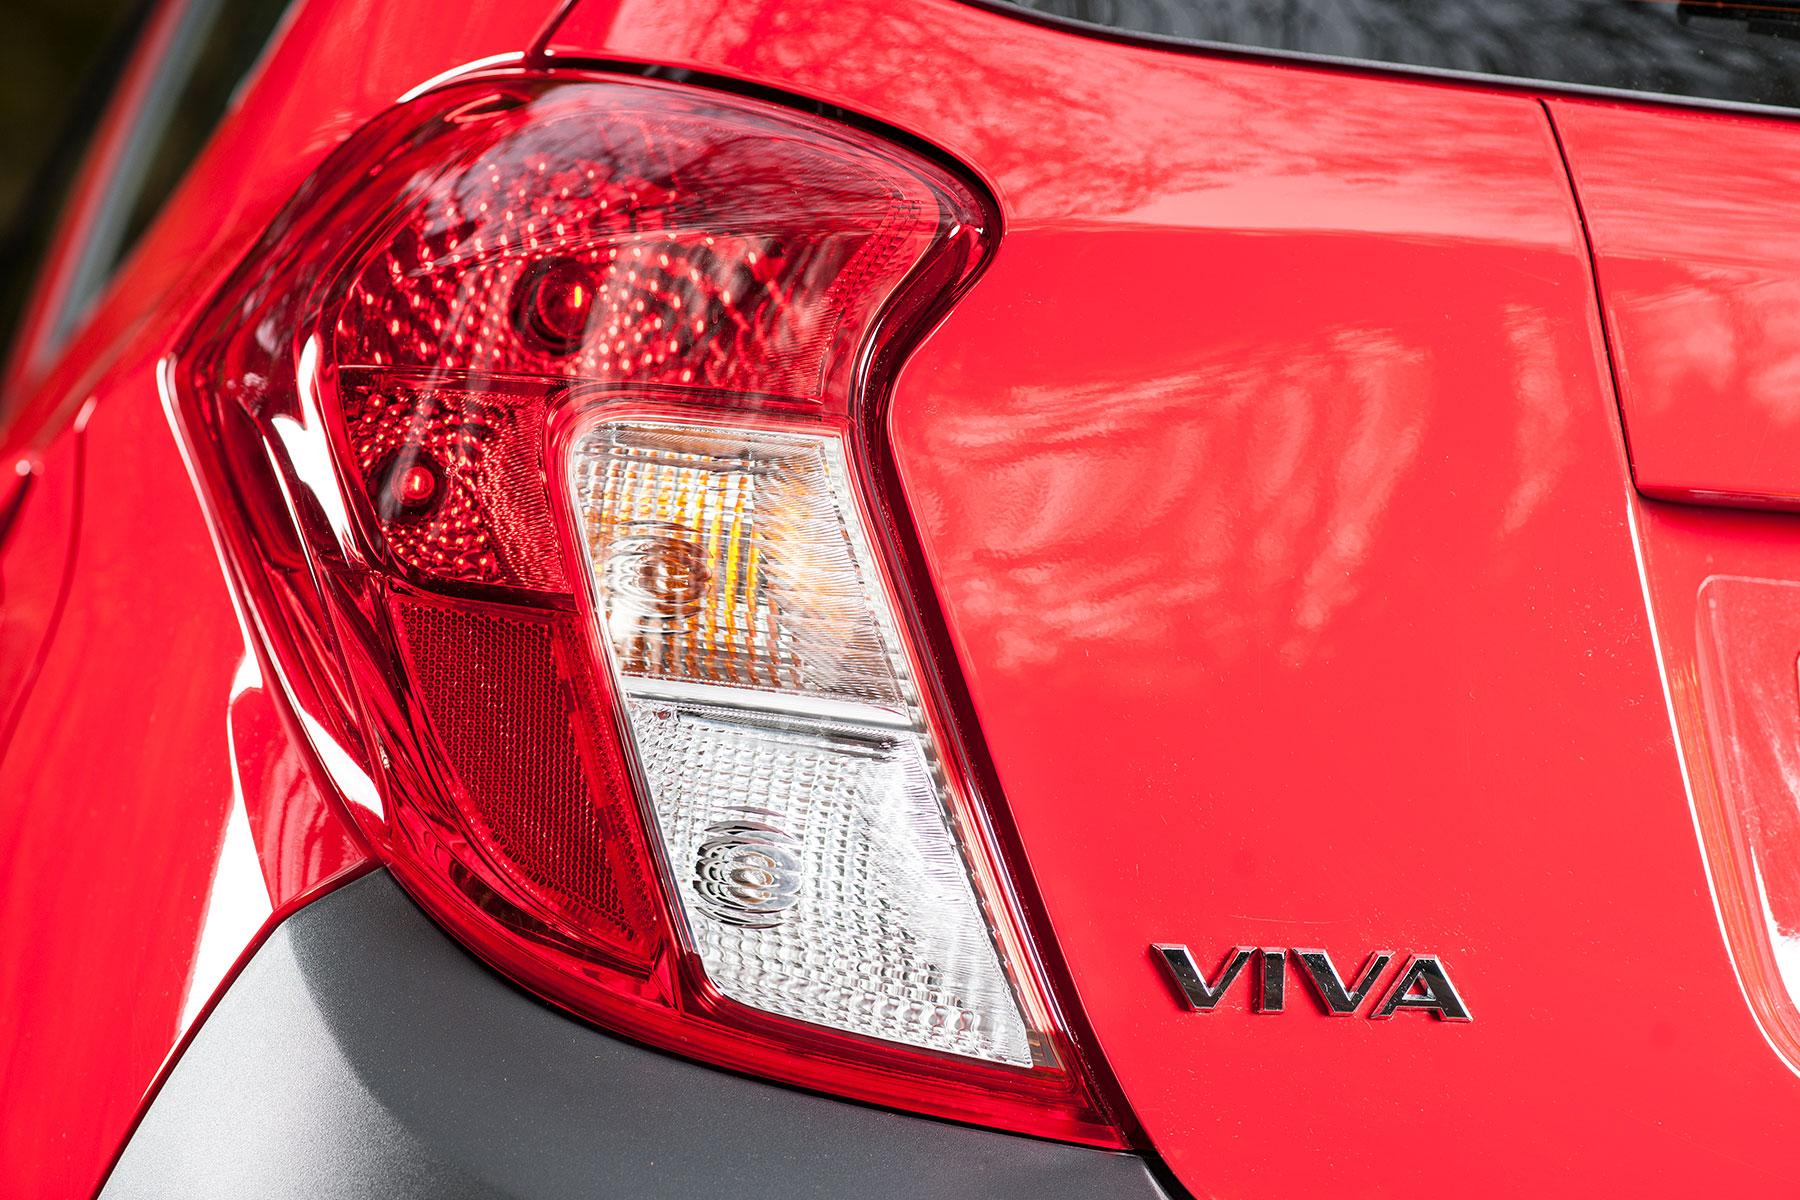 2018 Vauxhall Viva Rocks